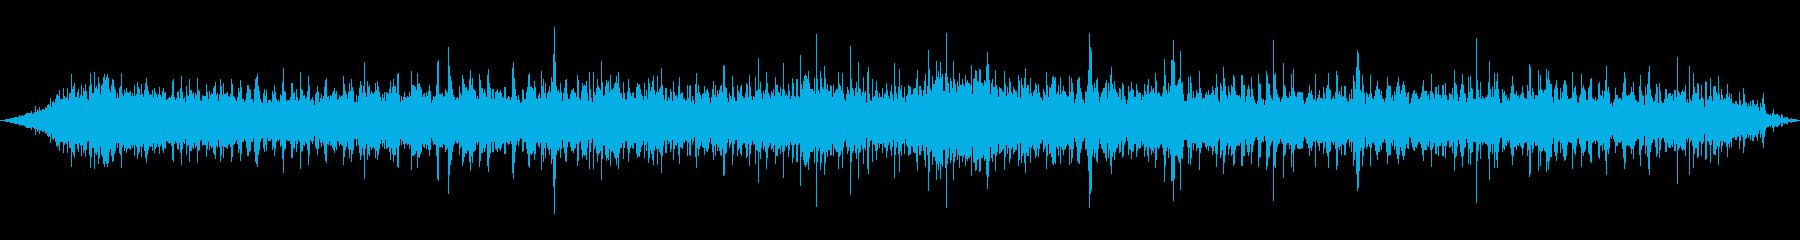 大型ショベル:重厚なトレッドキーク...の再生済みの波形